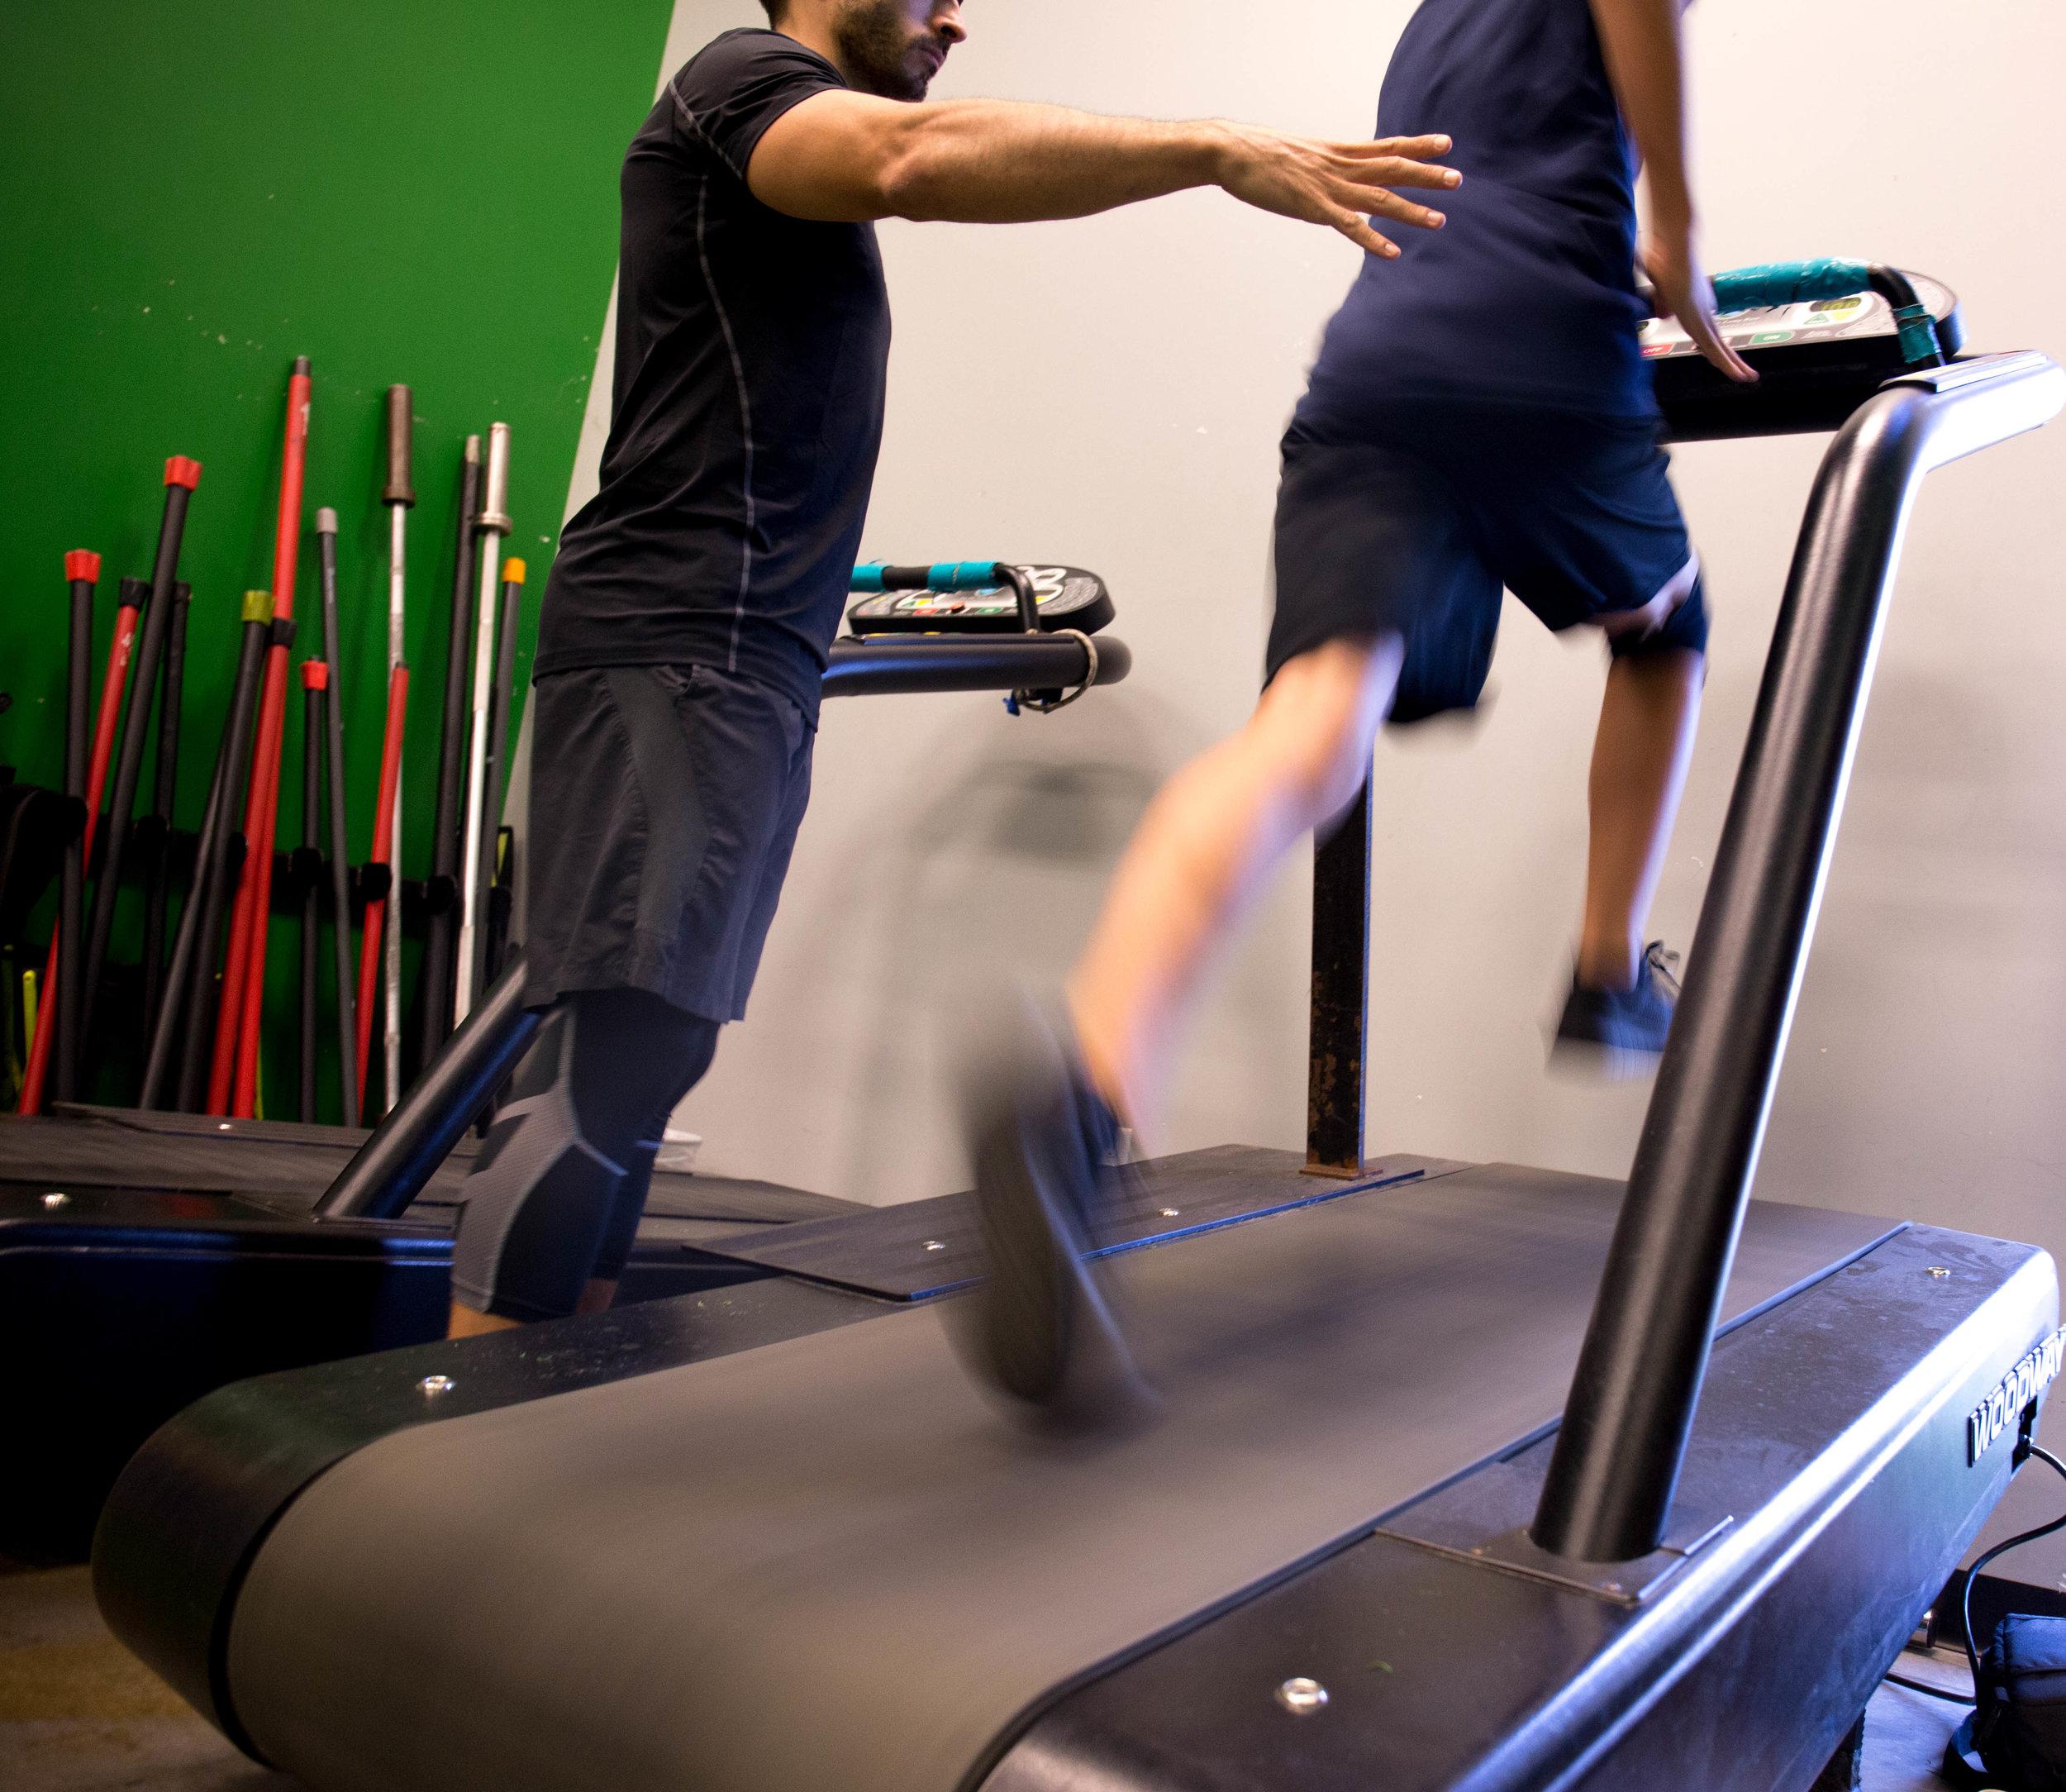 treadmill (1 of 1).jpg